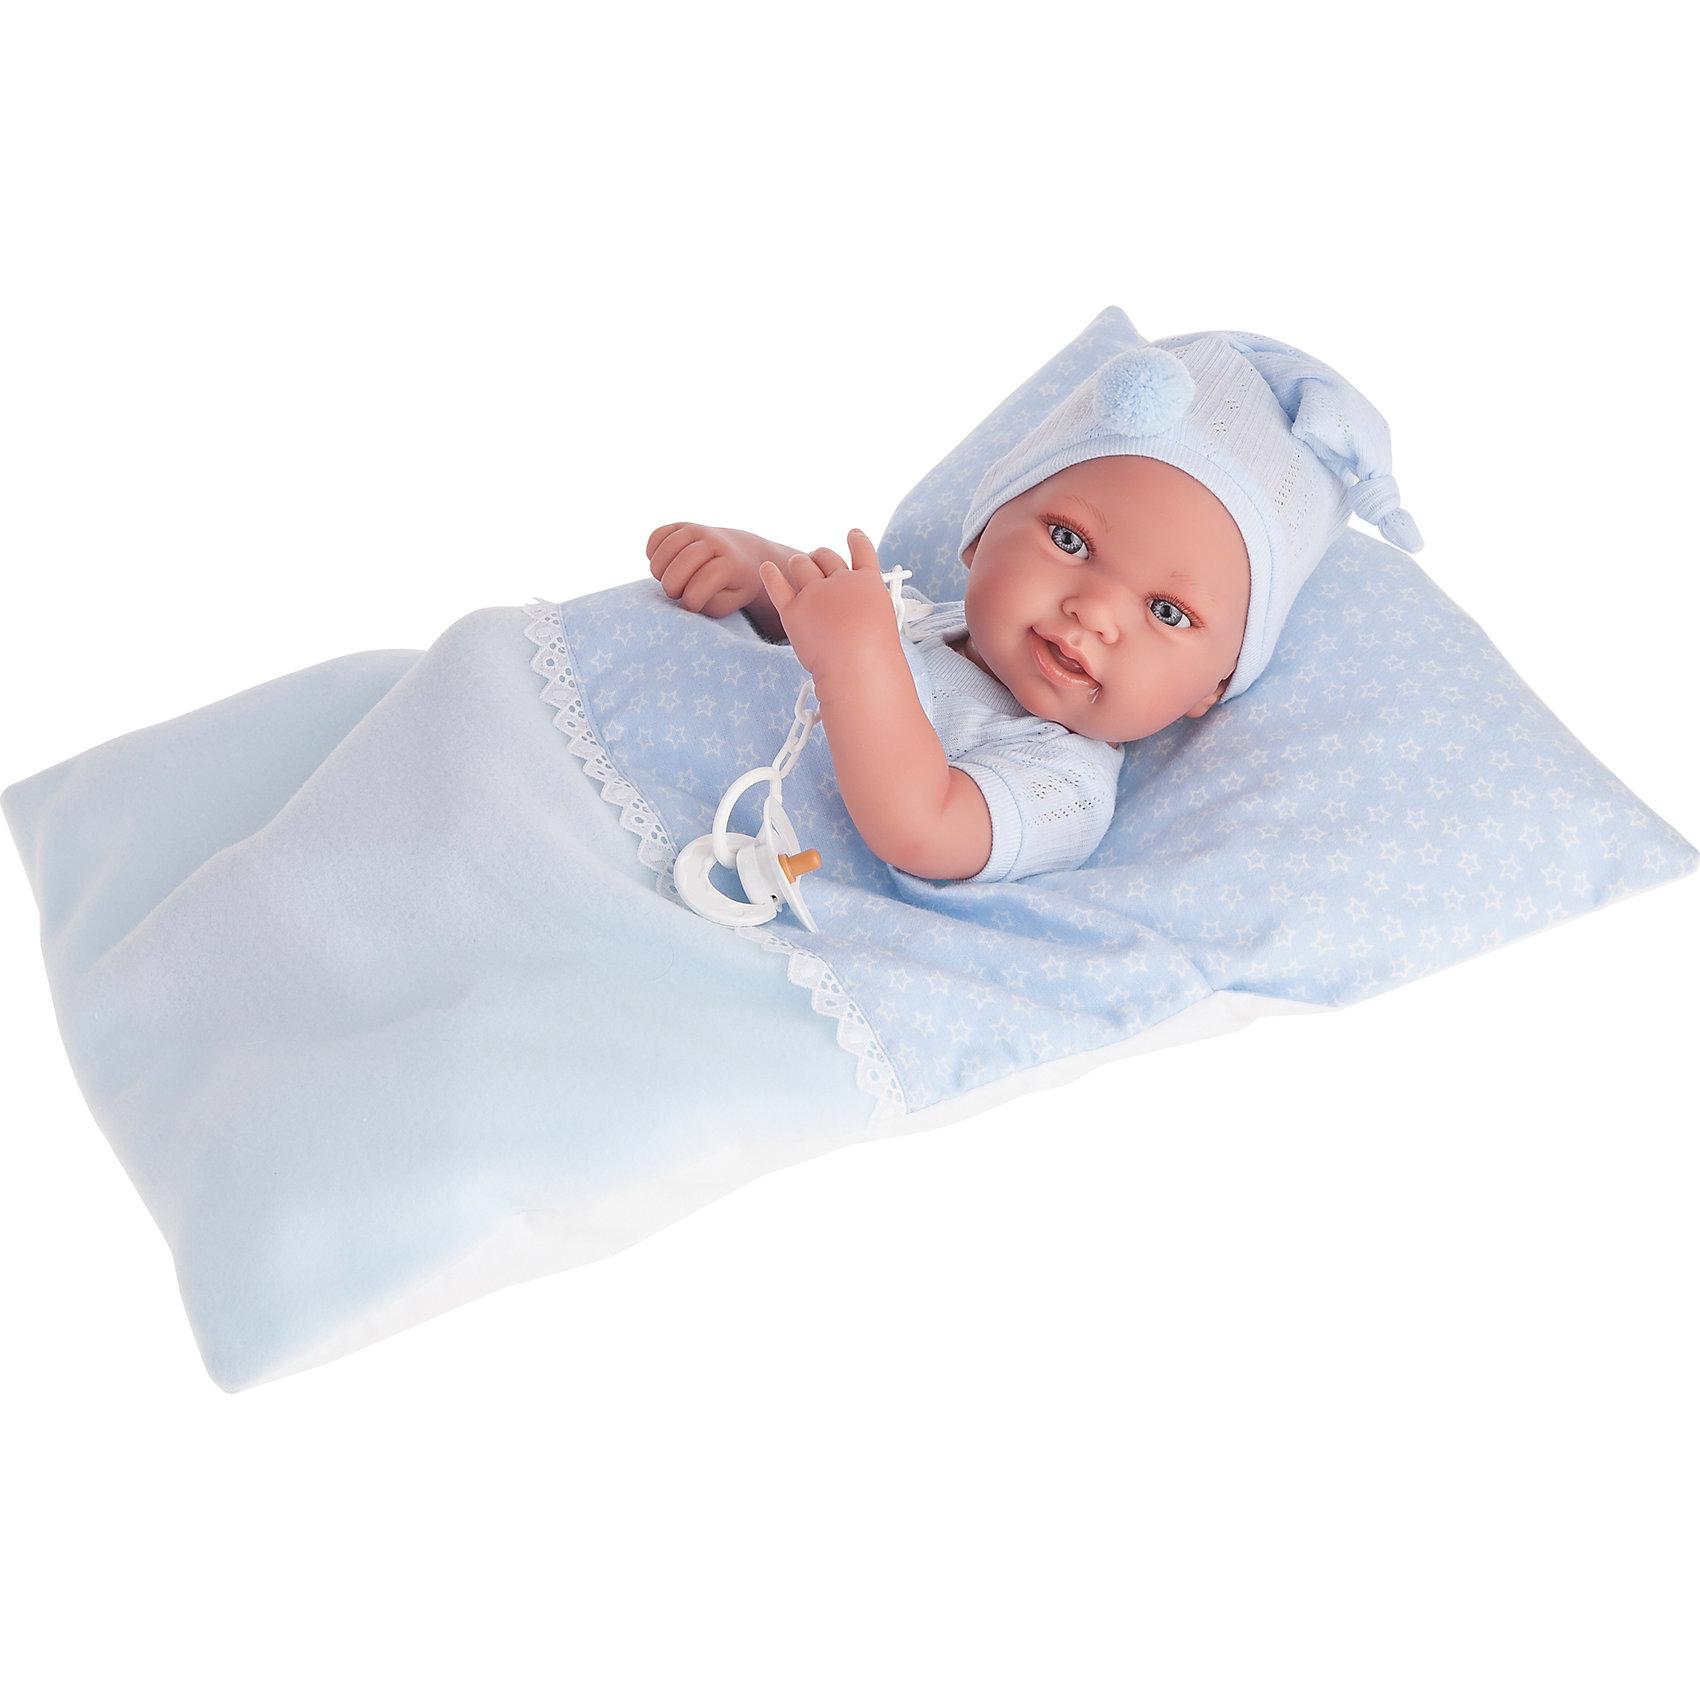 Munecas Antonio Juan Кукла-младенец Пипо (мальчик) в голубом, 42 см, Munecas Antonio Juan кукла младенец игнасио в голубом 42 см antonio juan munecas